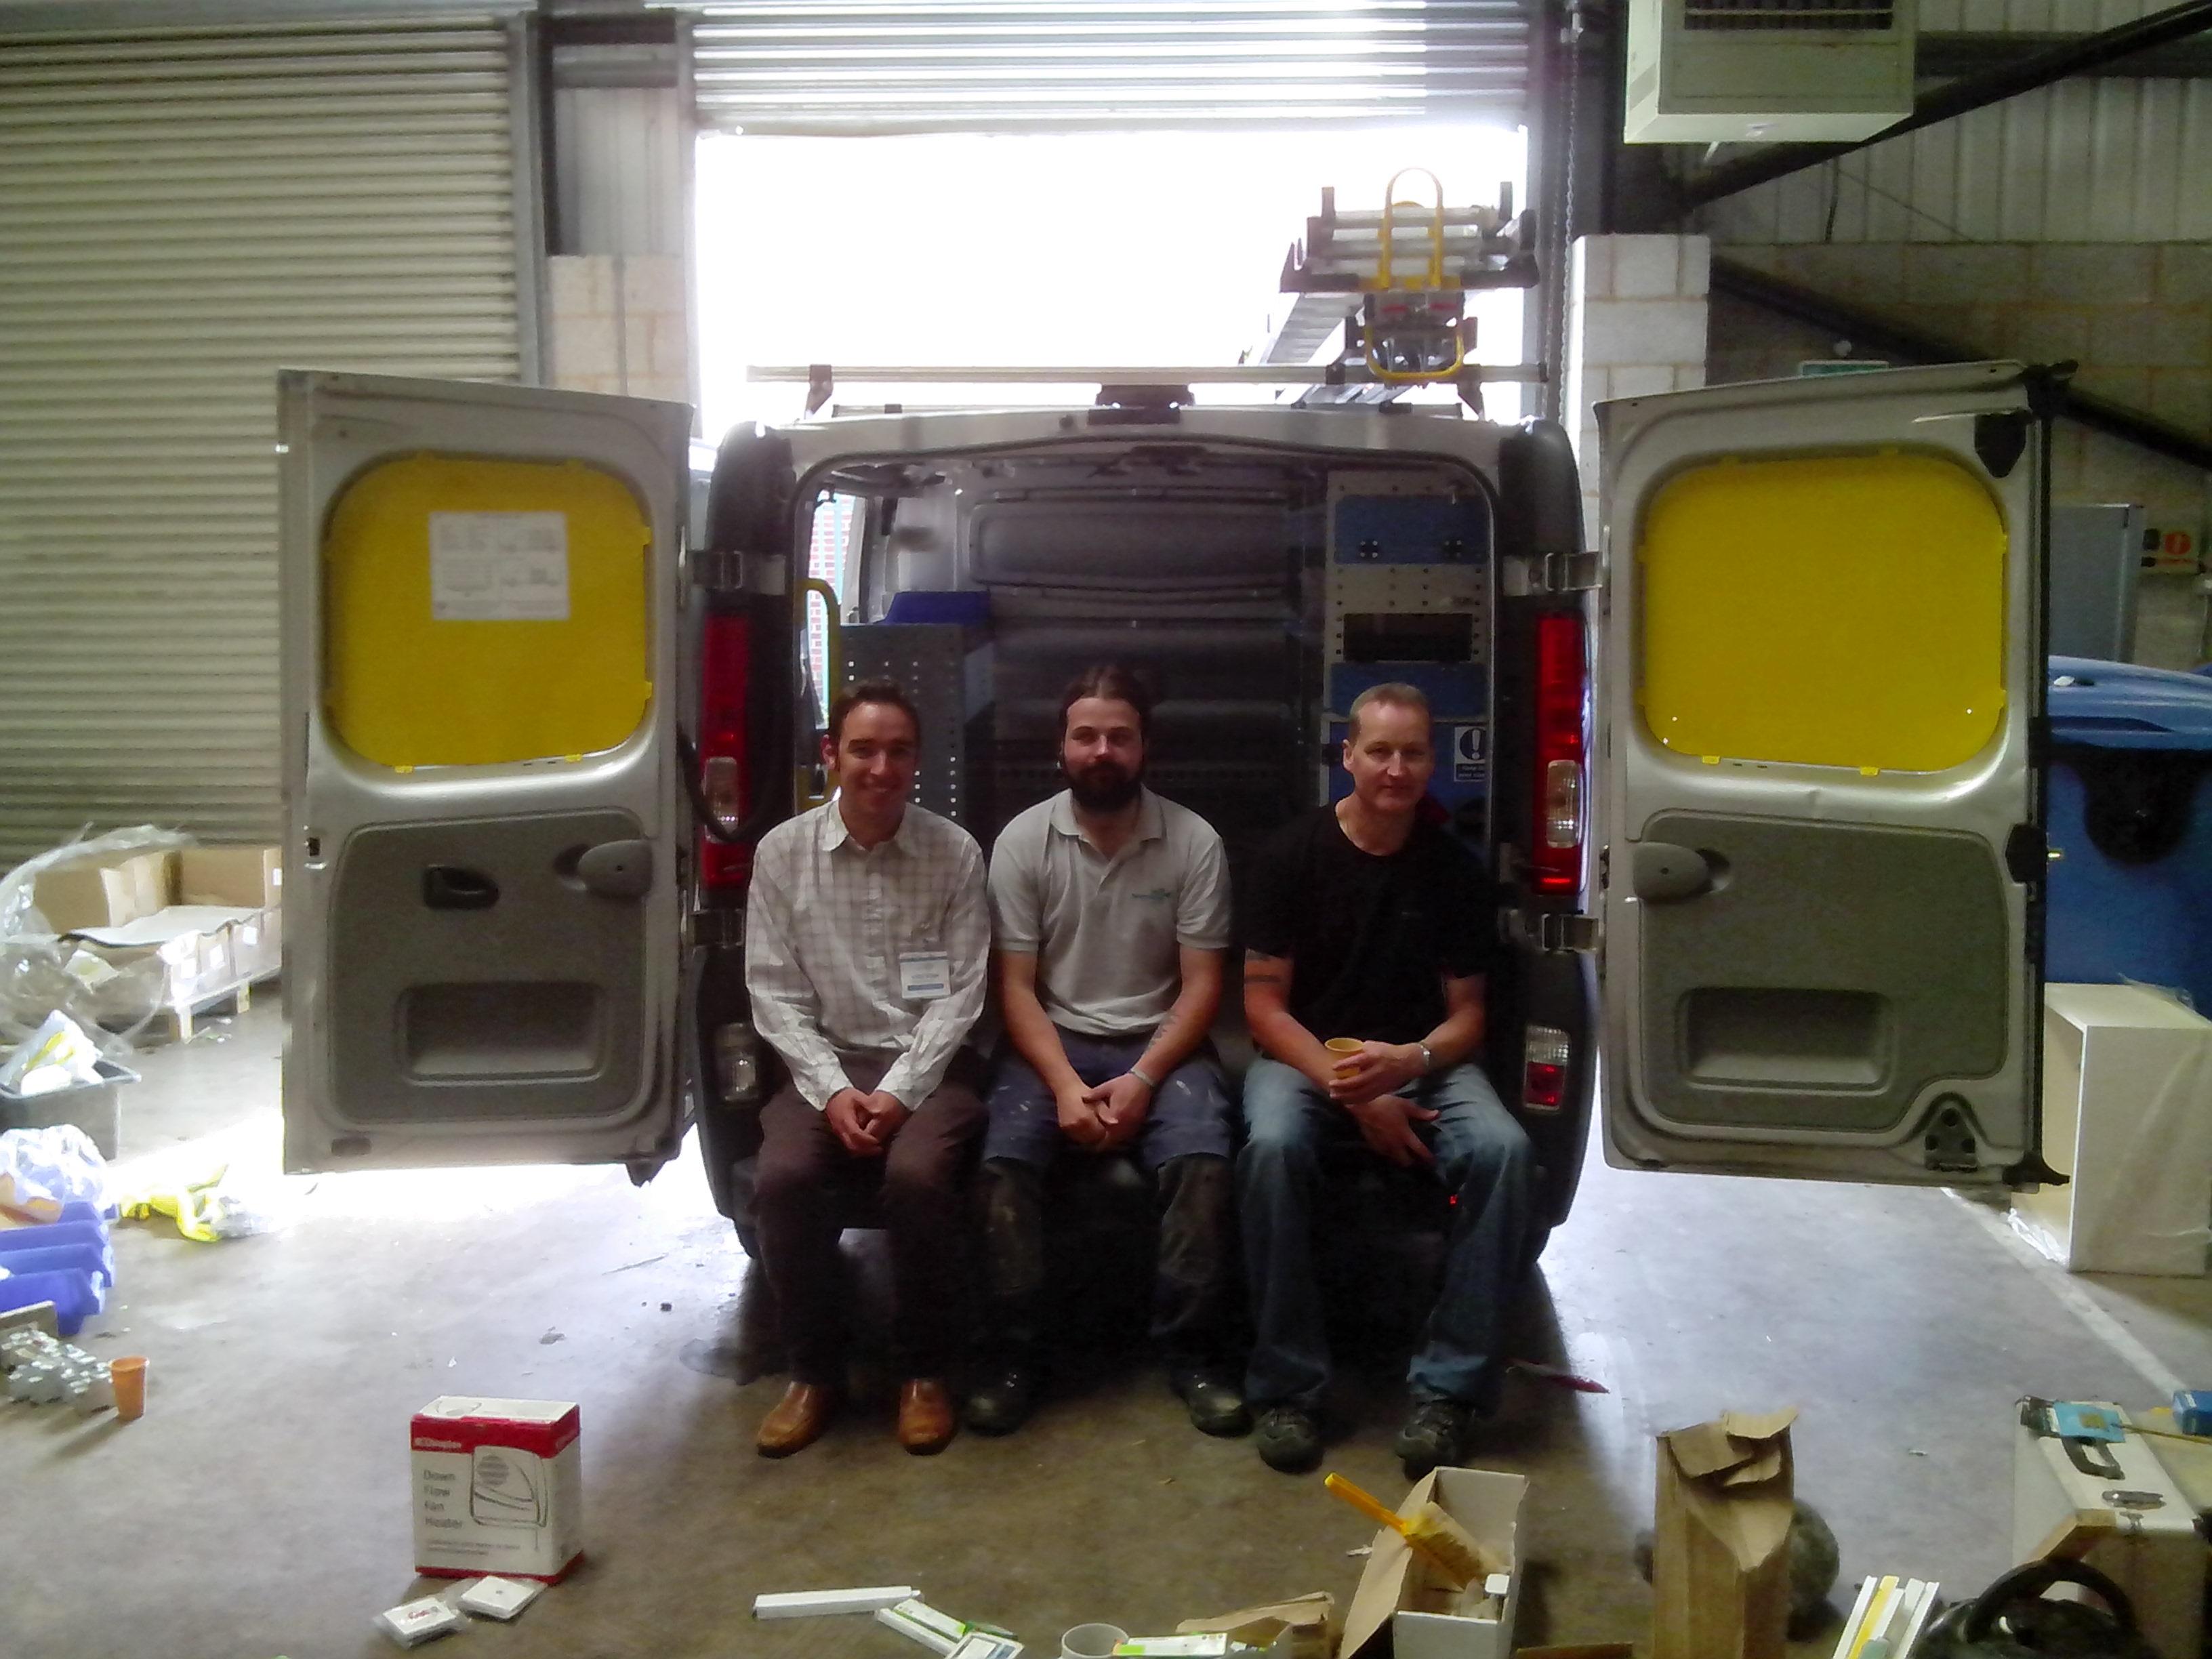 Telecetera software engineers performing a van stock take